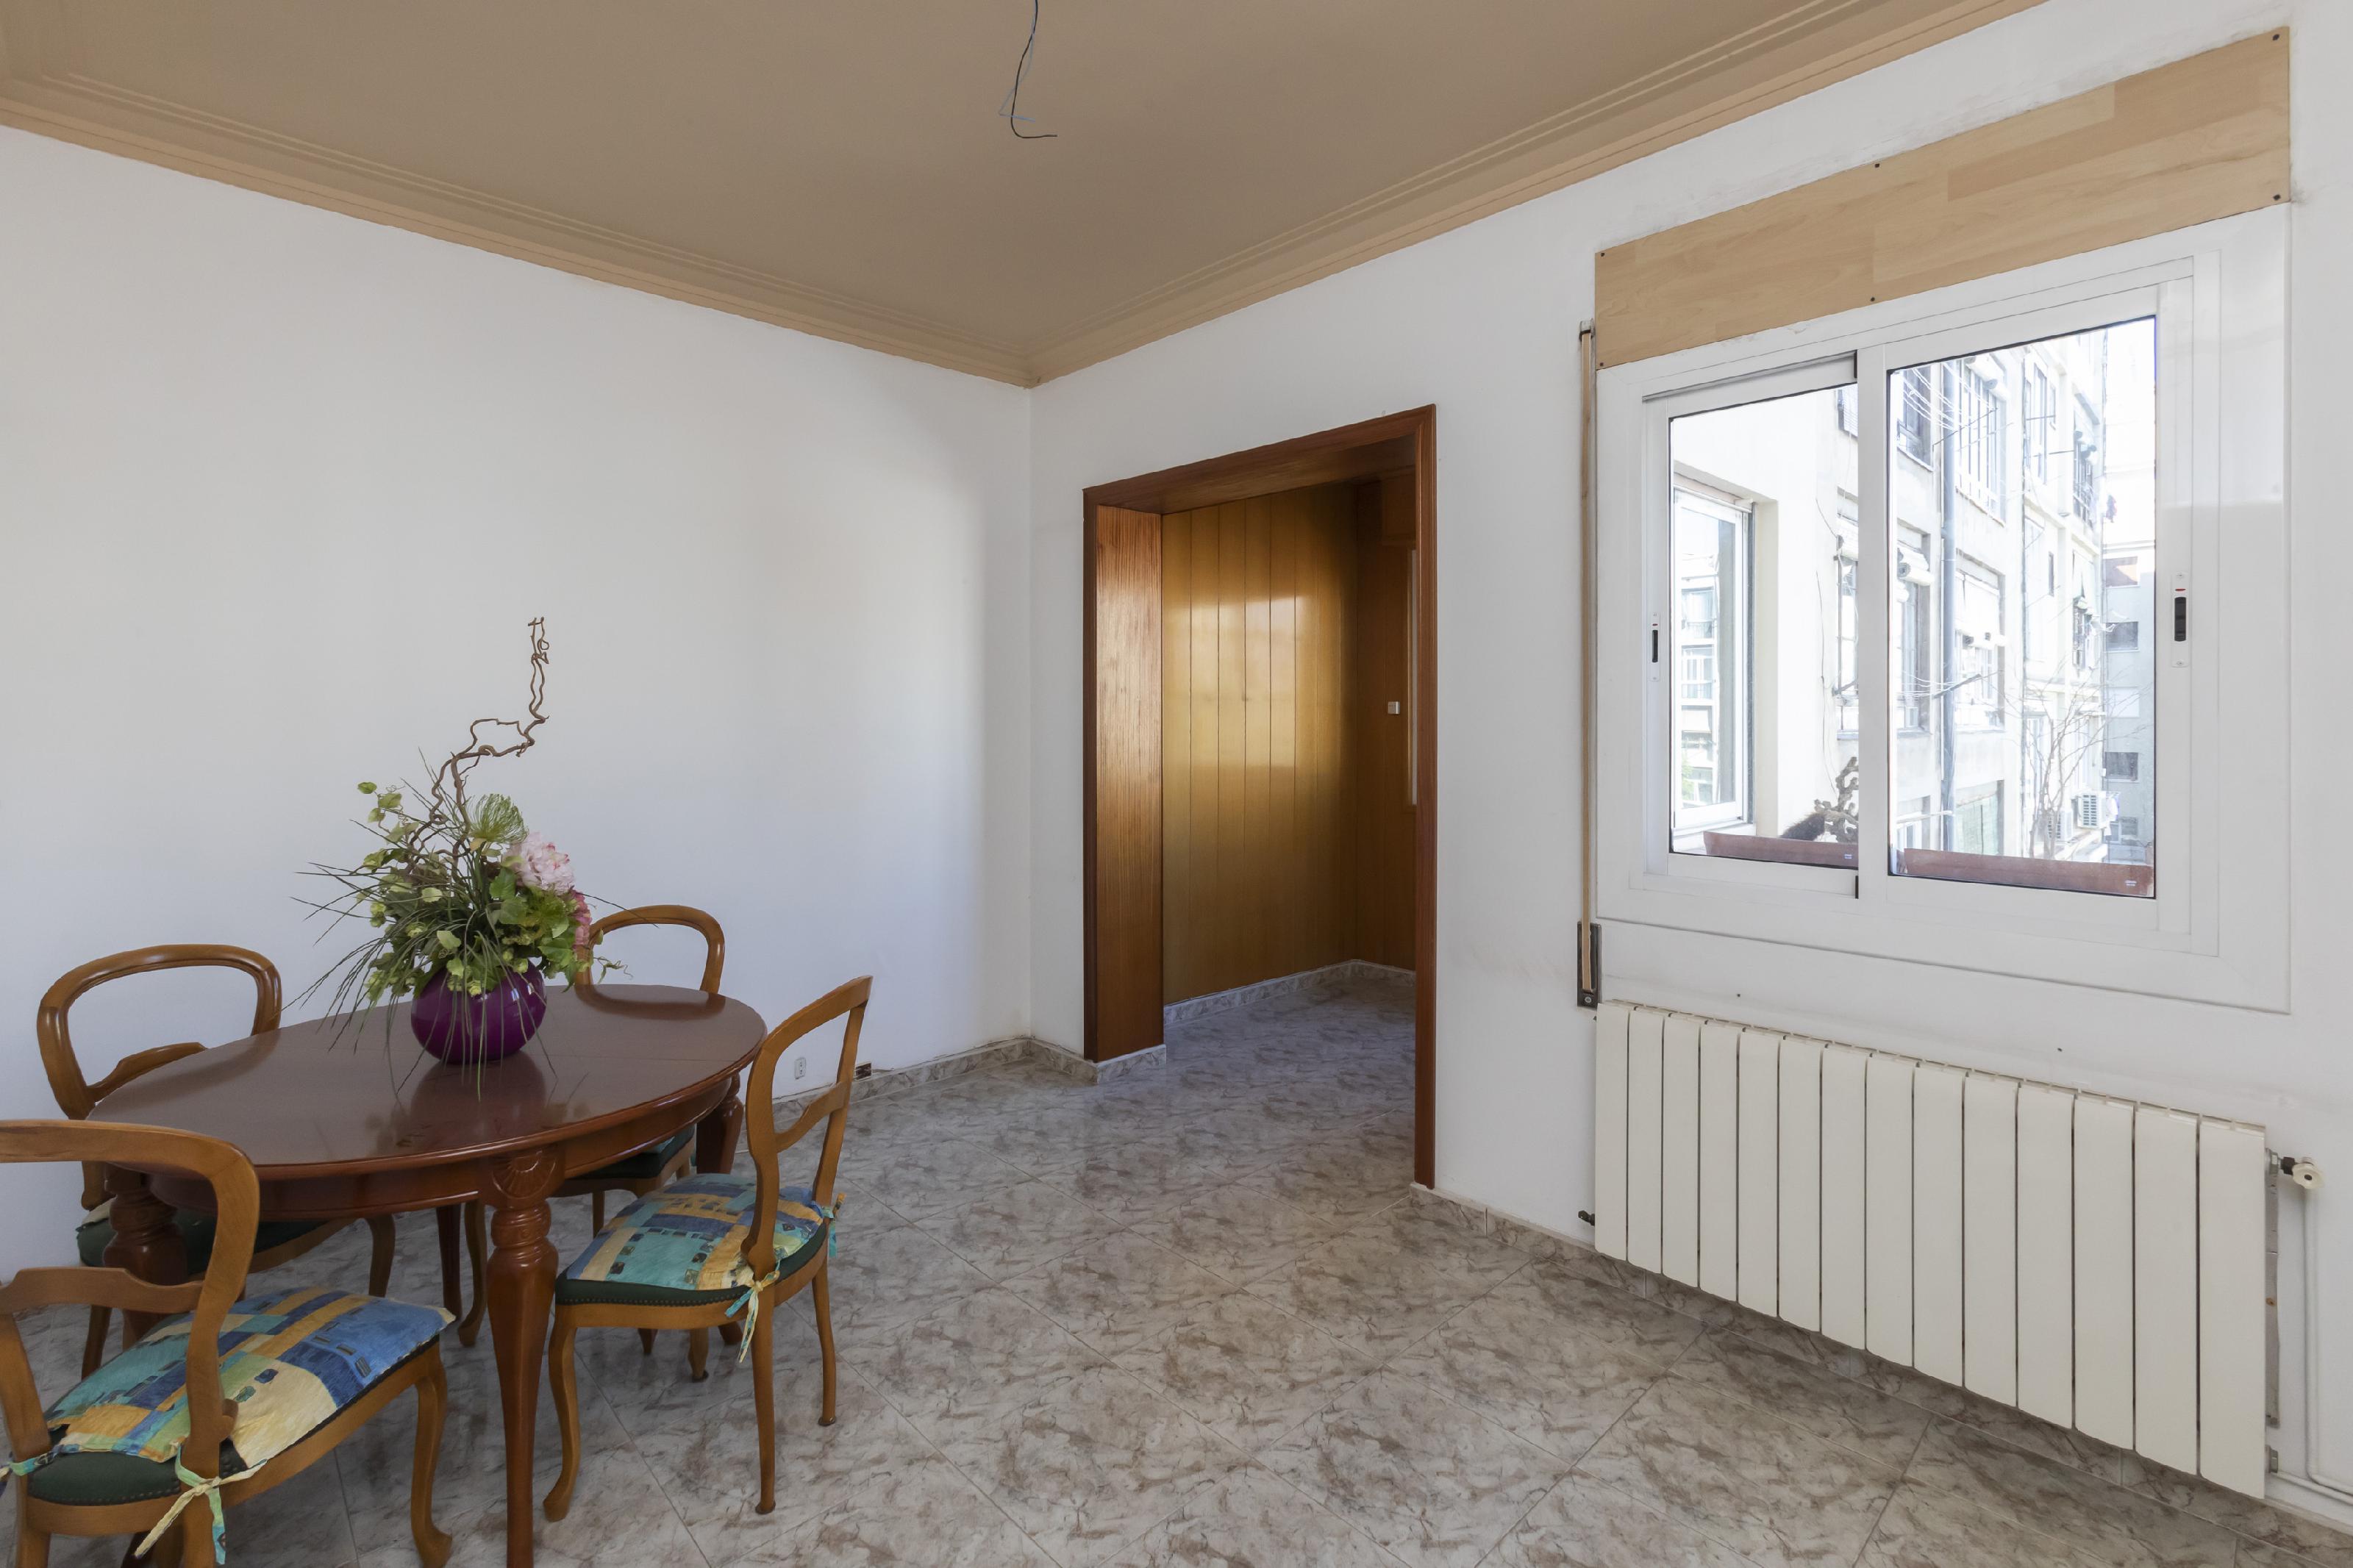 249361 Flat for sale in Eixample, Antiga Esquerre Eixample 11